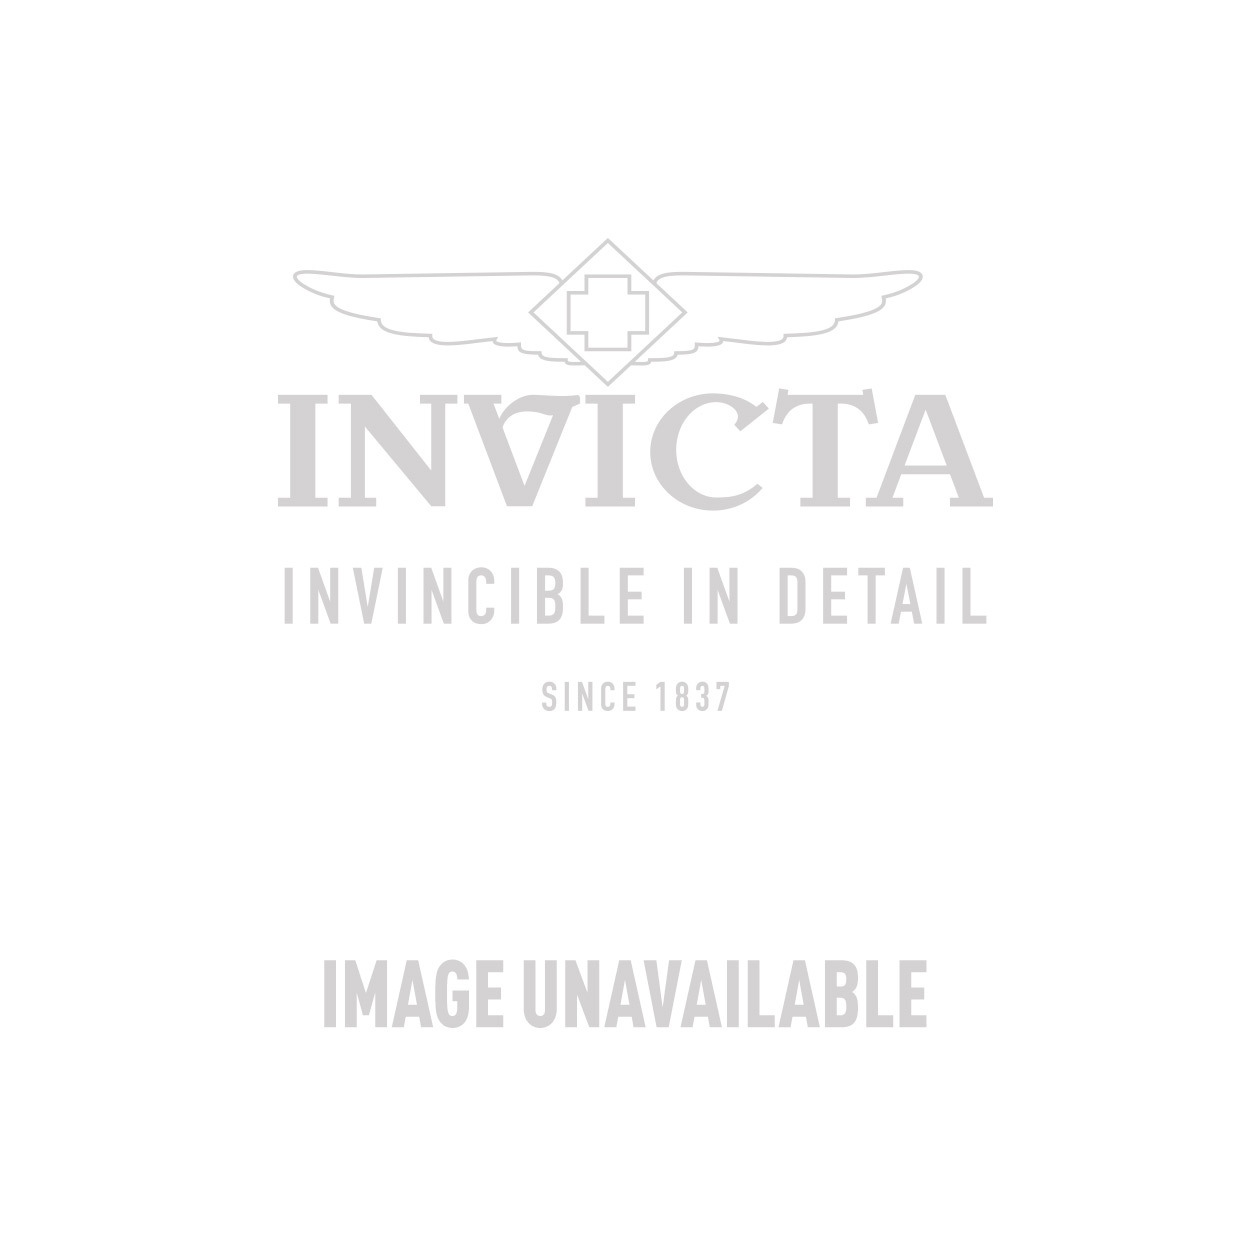 Invicta Model 28800